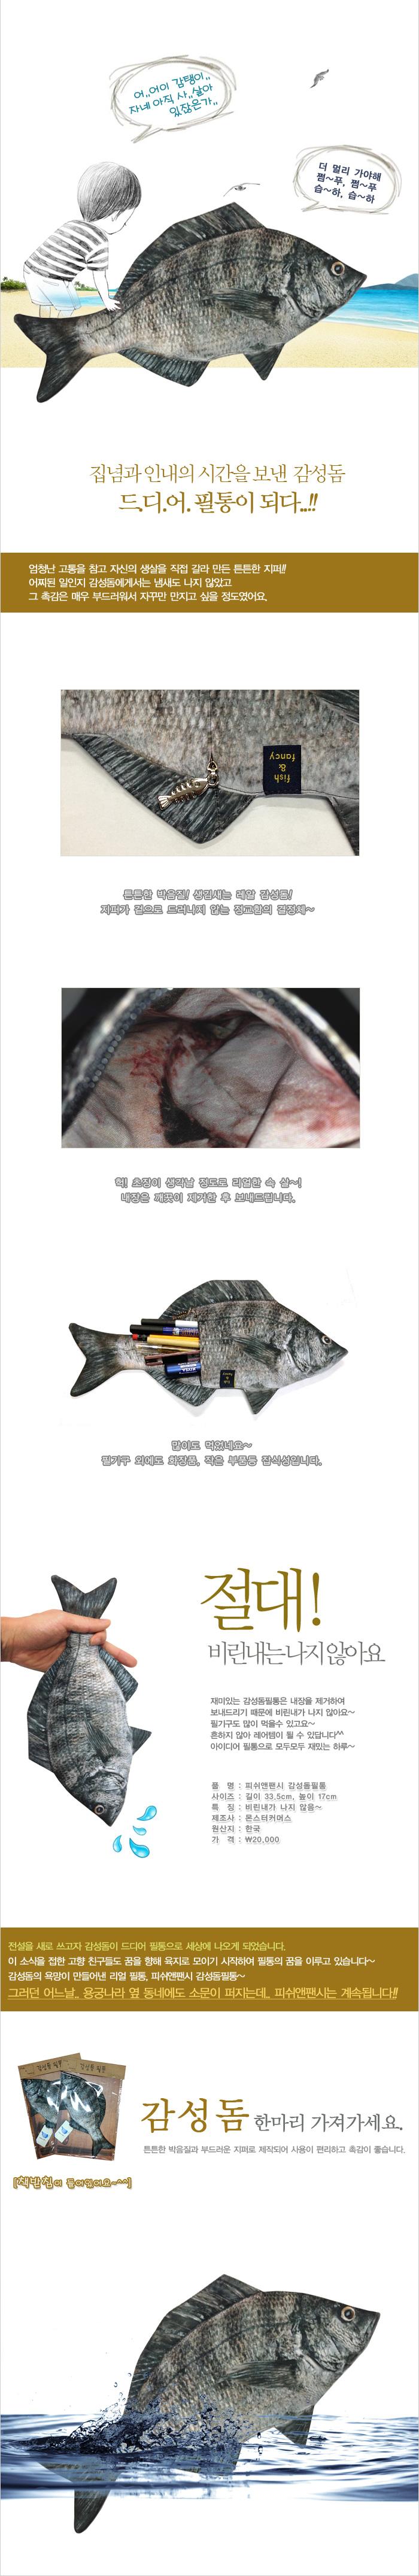 생선필통 감성돔필통 - 피쉬앤팬시, 16,500원, 패브릭필통, 심플